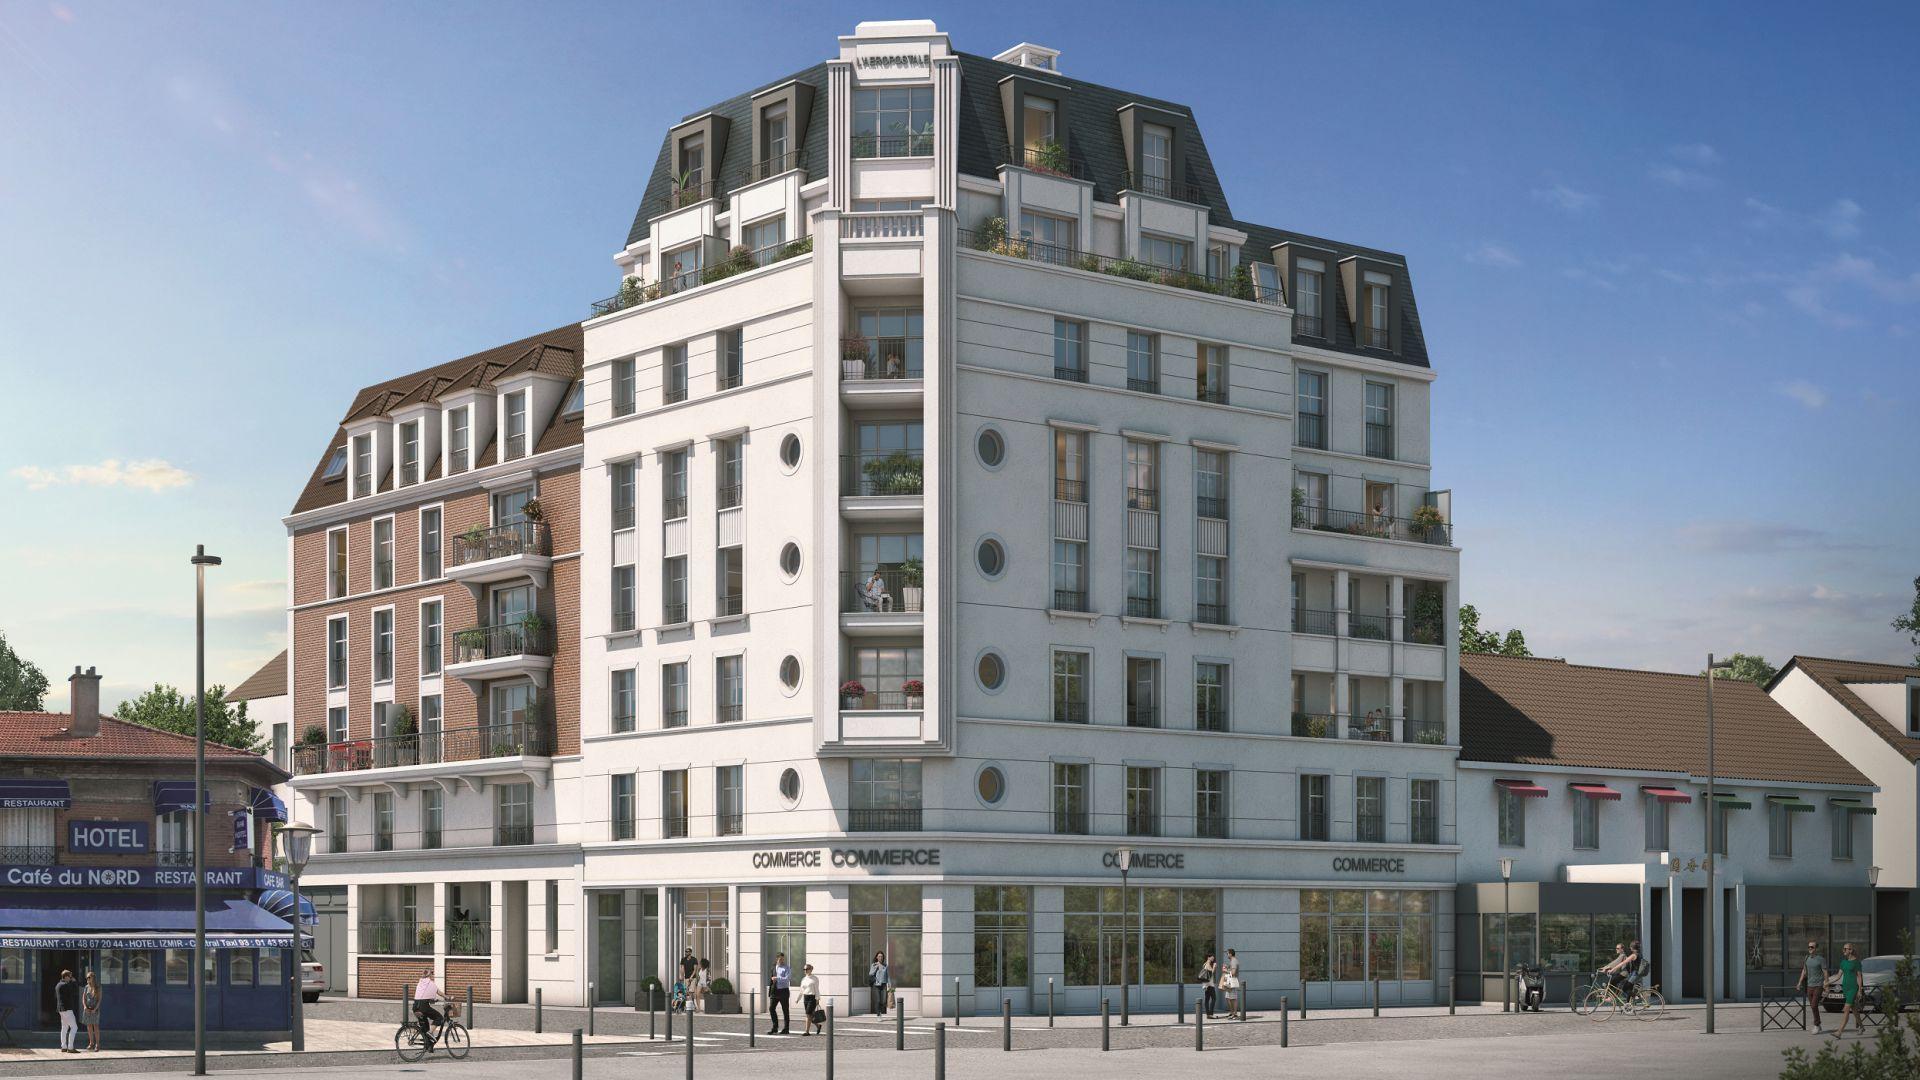 Greencity Immobilier - Résidence Le 122 Aéropostale - 93150 Le Blanc Mesnil - A vendre appartement du T1 bis au T4 Duplex